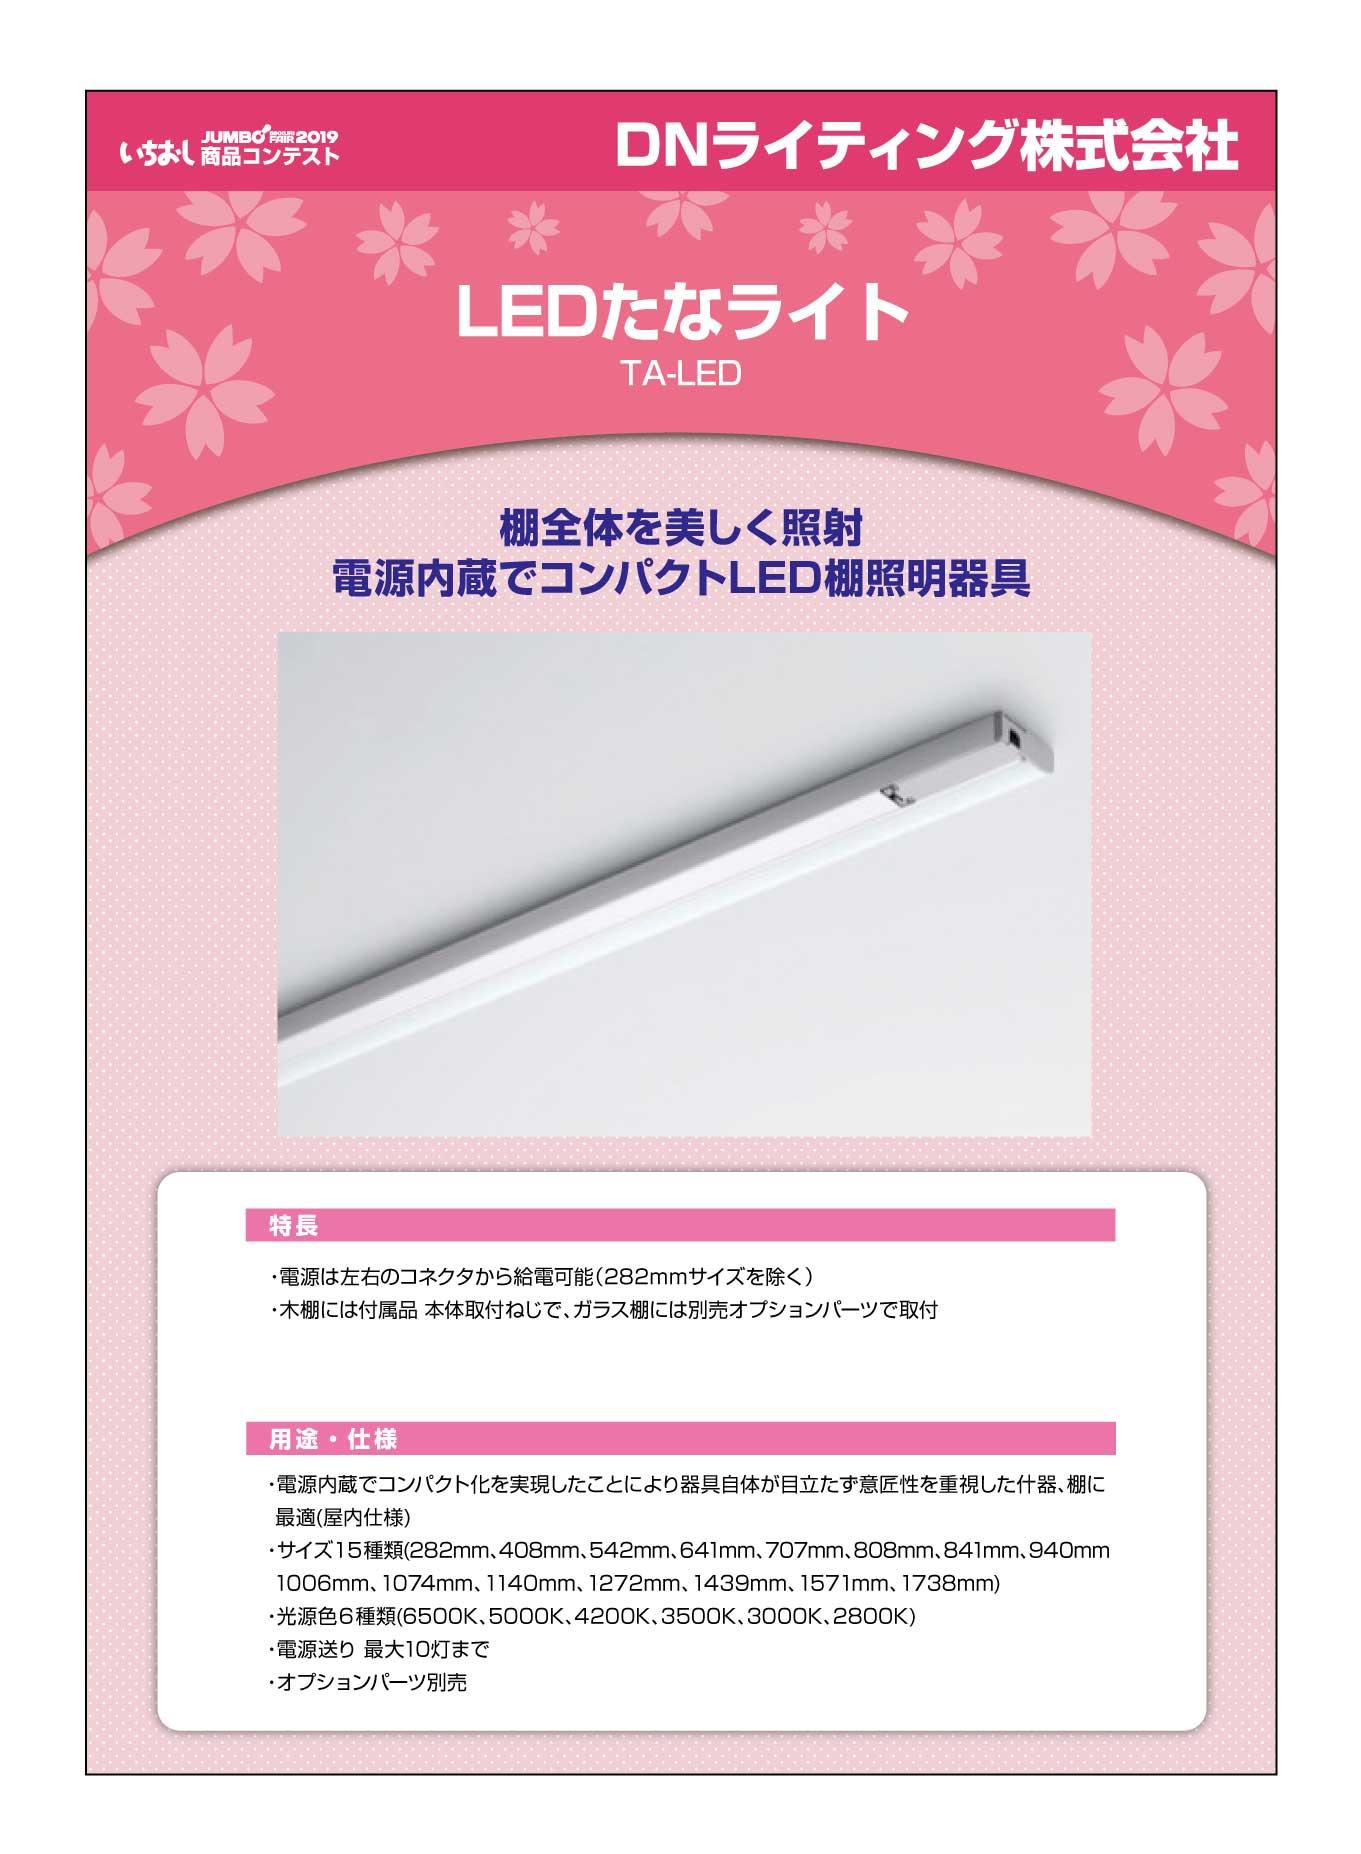 「LEDたなライト」DNライティング株式会社の画像